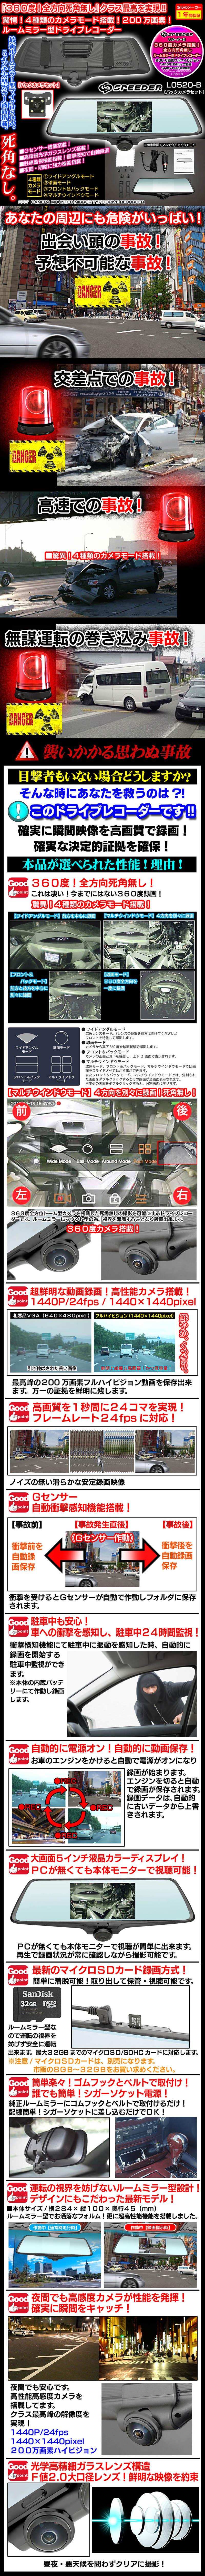 【バックカメラセット】ルームミラー型 高性能360度カメラ搭載ドライブレコーダー5型液晶/スピーダー製L0520/200万画素/4種カメラモード録画 死角無し/駐車中監視モード搭載・バッテリー内蔵/DC12V.24V共用/メーカー1年保証!